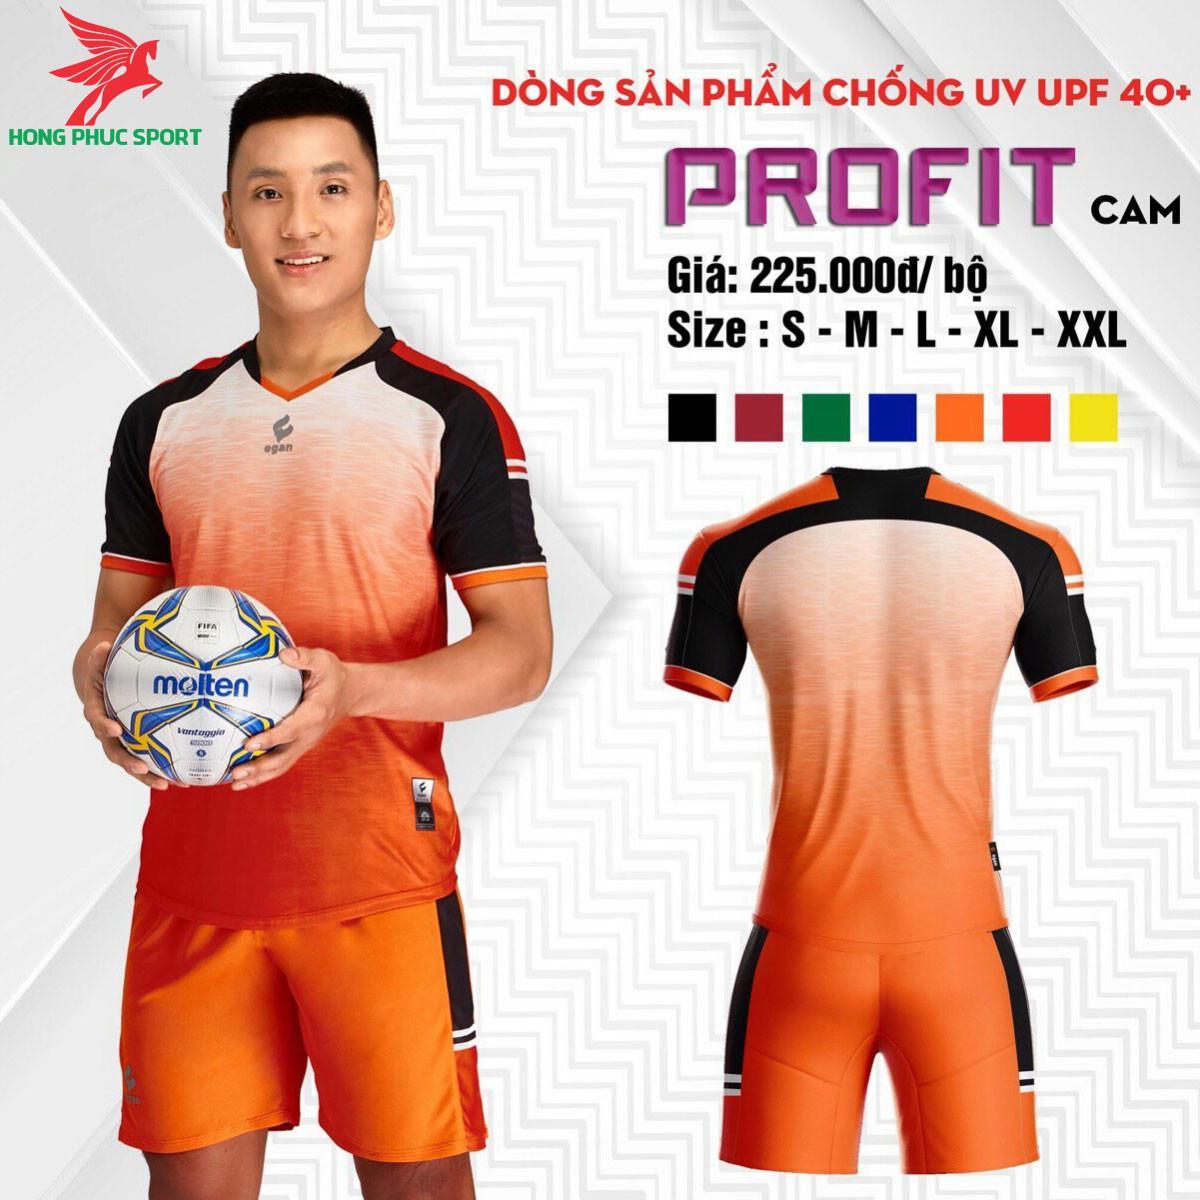 Áo đá banh không logo CP EGAN PROFIT 2021 màu Cam